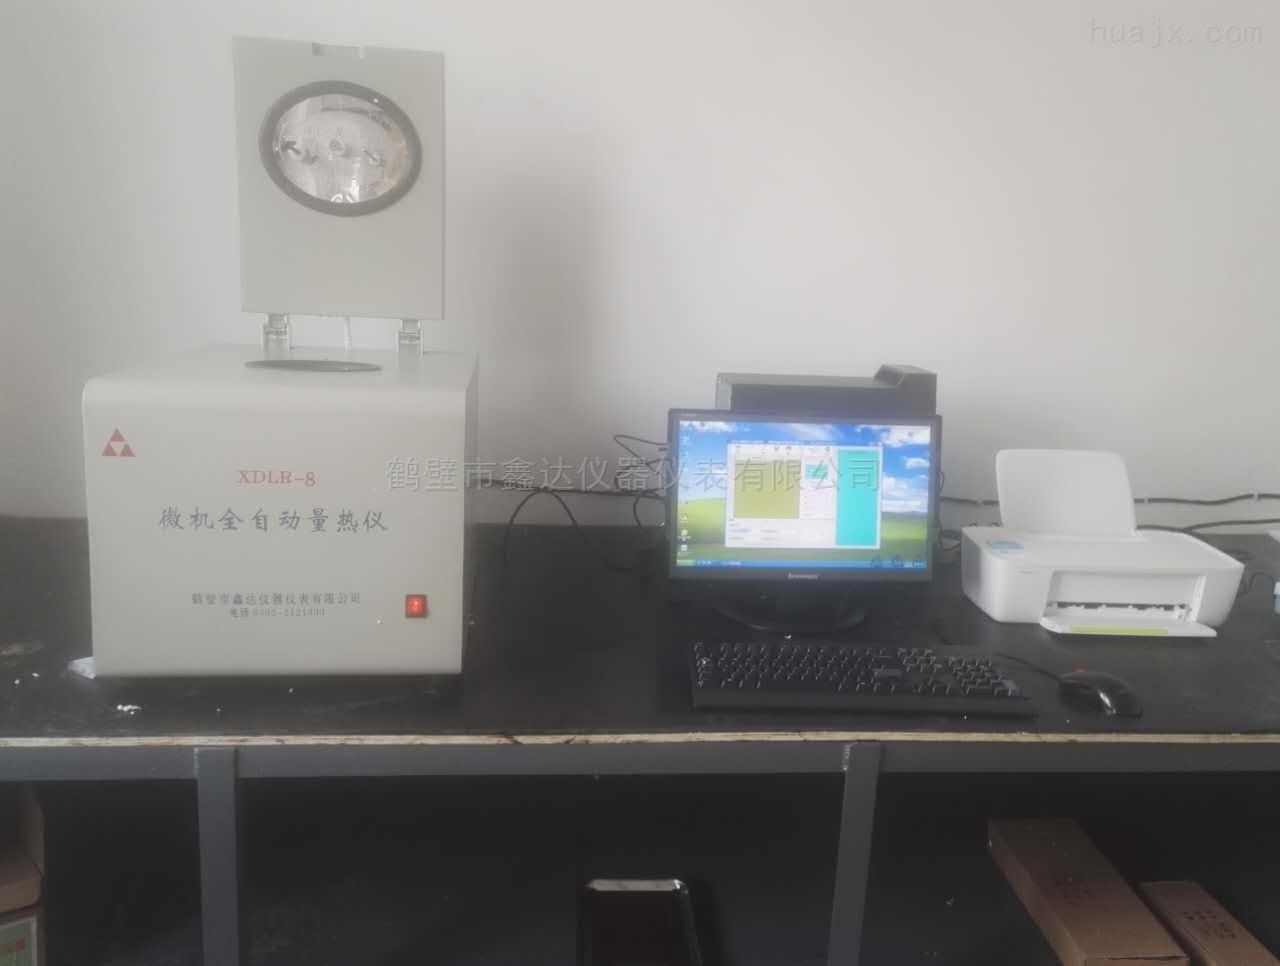 化验煤炭热值仪器 煤炭发热量检验仪器